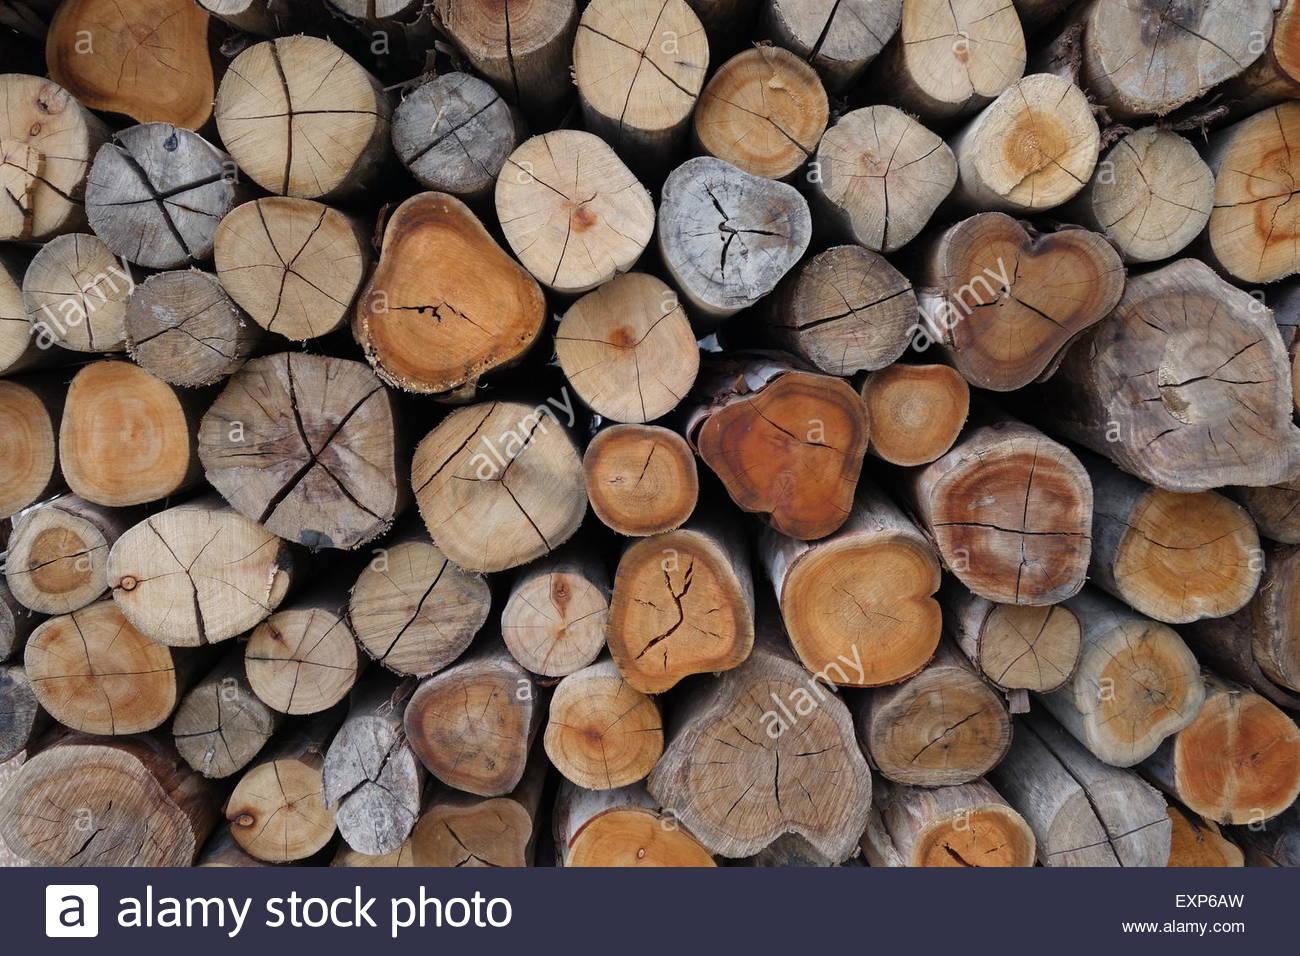 Firewood background Stock Photo 85310481   Alamy 1300x956